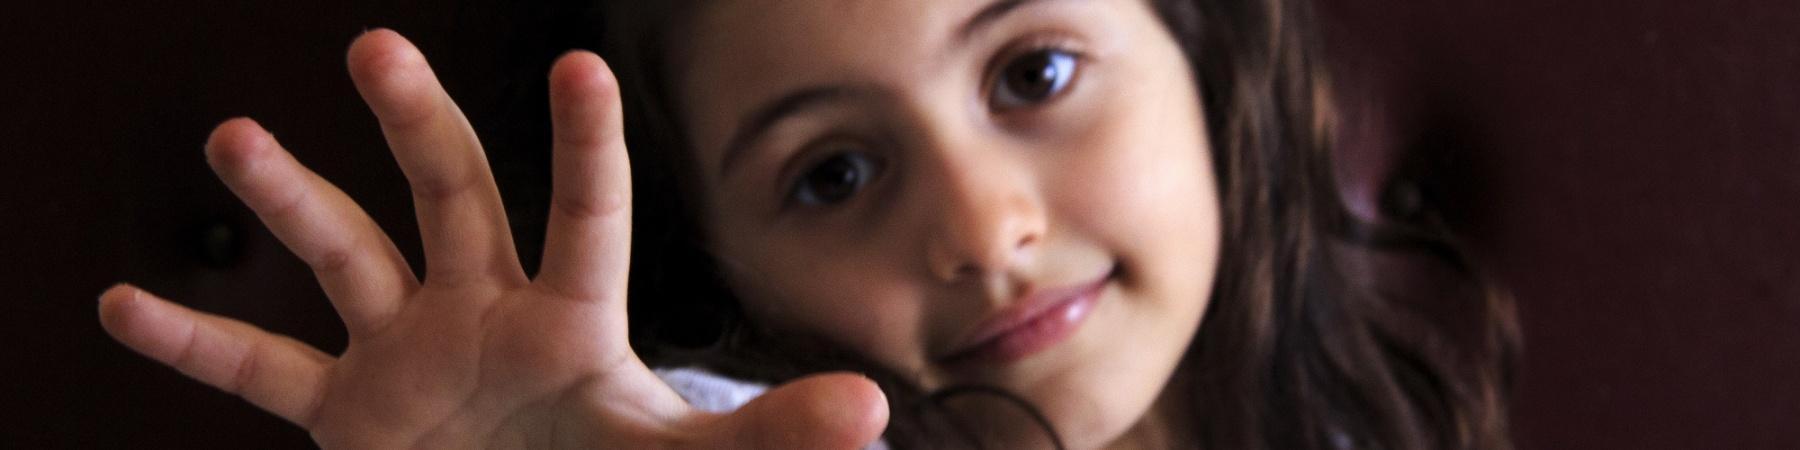 Bambina foto a mezzo busto in primo piano la mano aperta